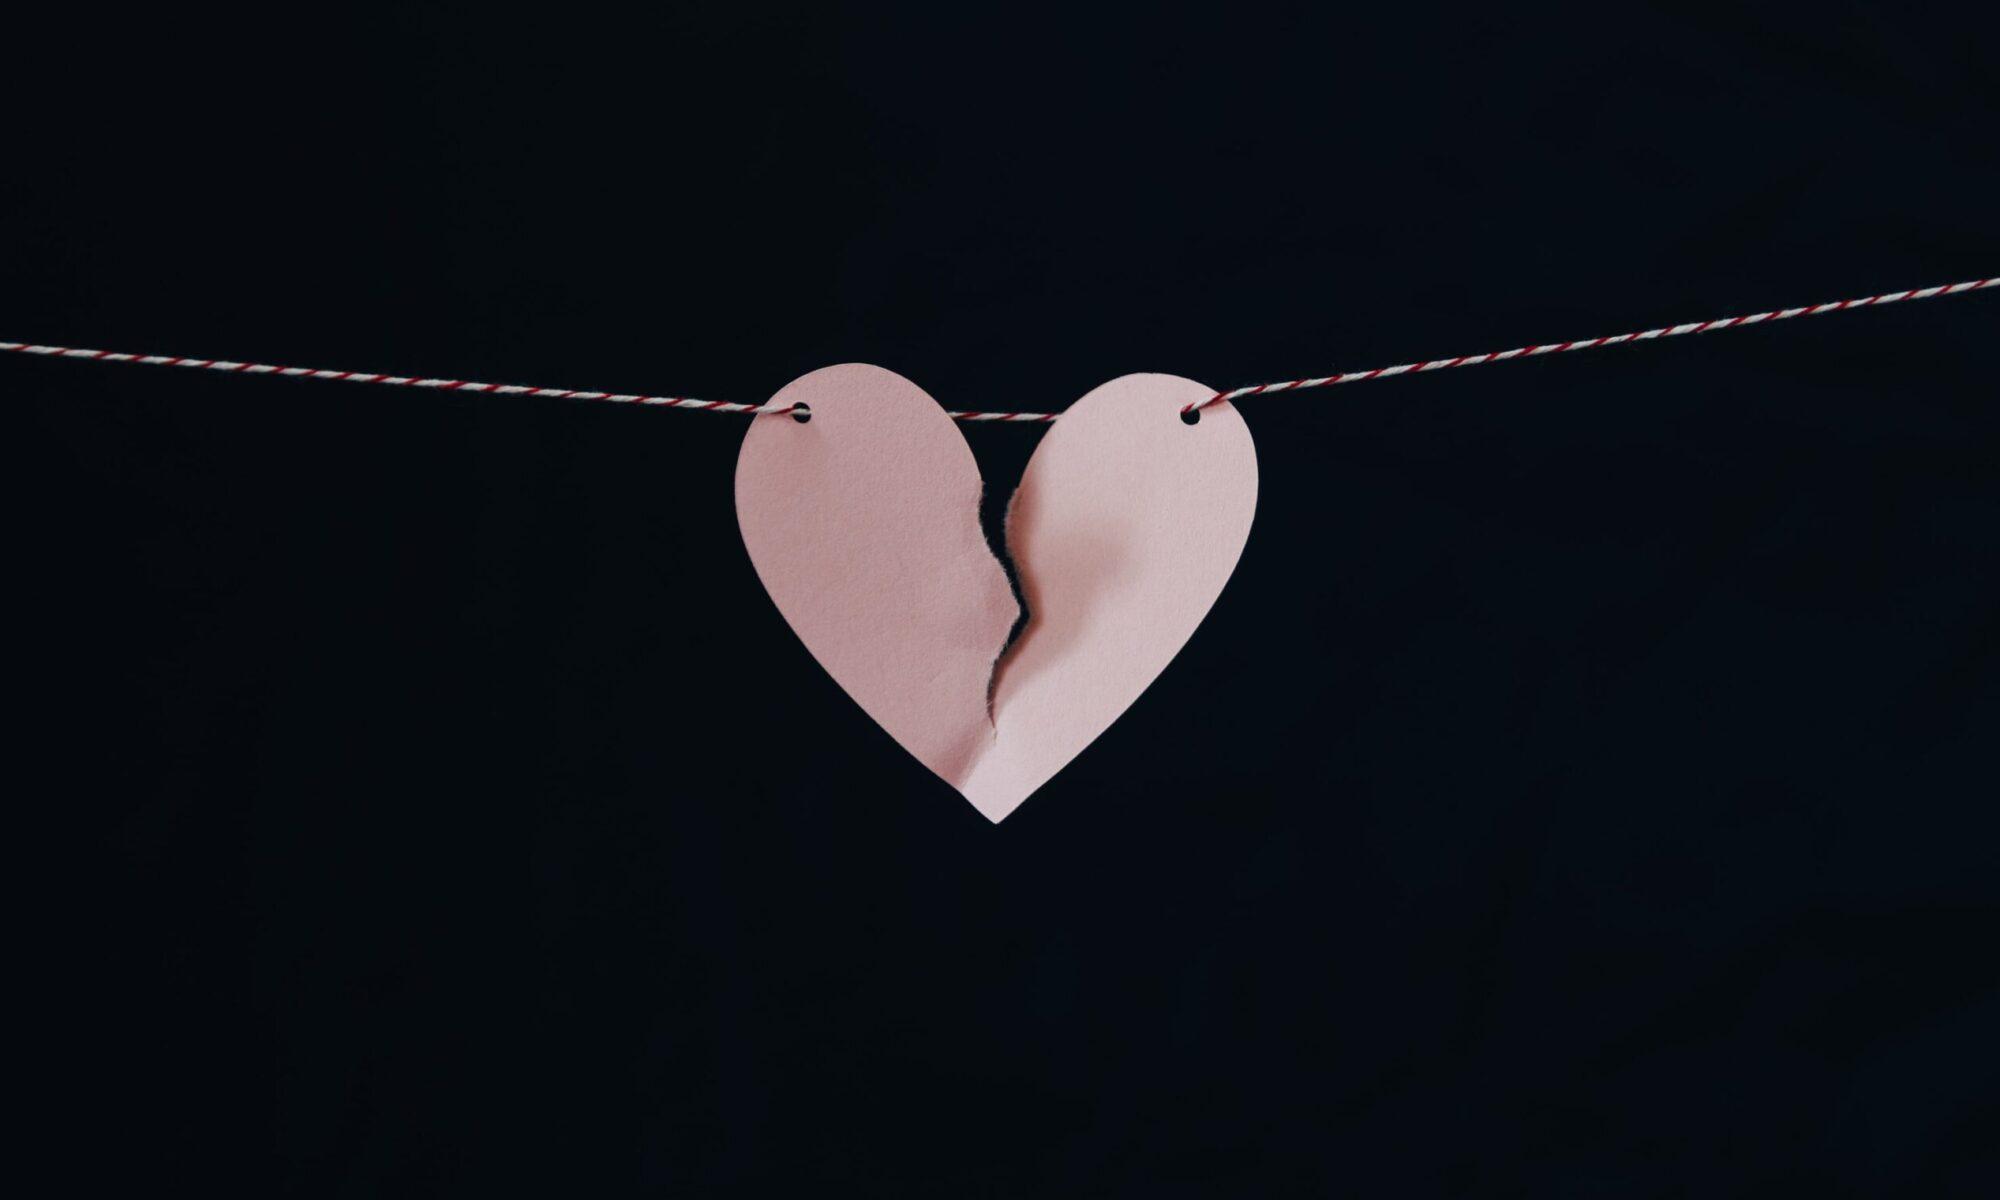 Liebeskummer - was verschafft Abhilfe? Foto: Kelly Sikkema / Unsplash